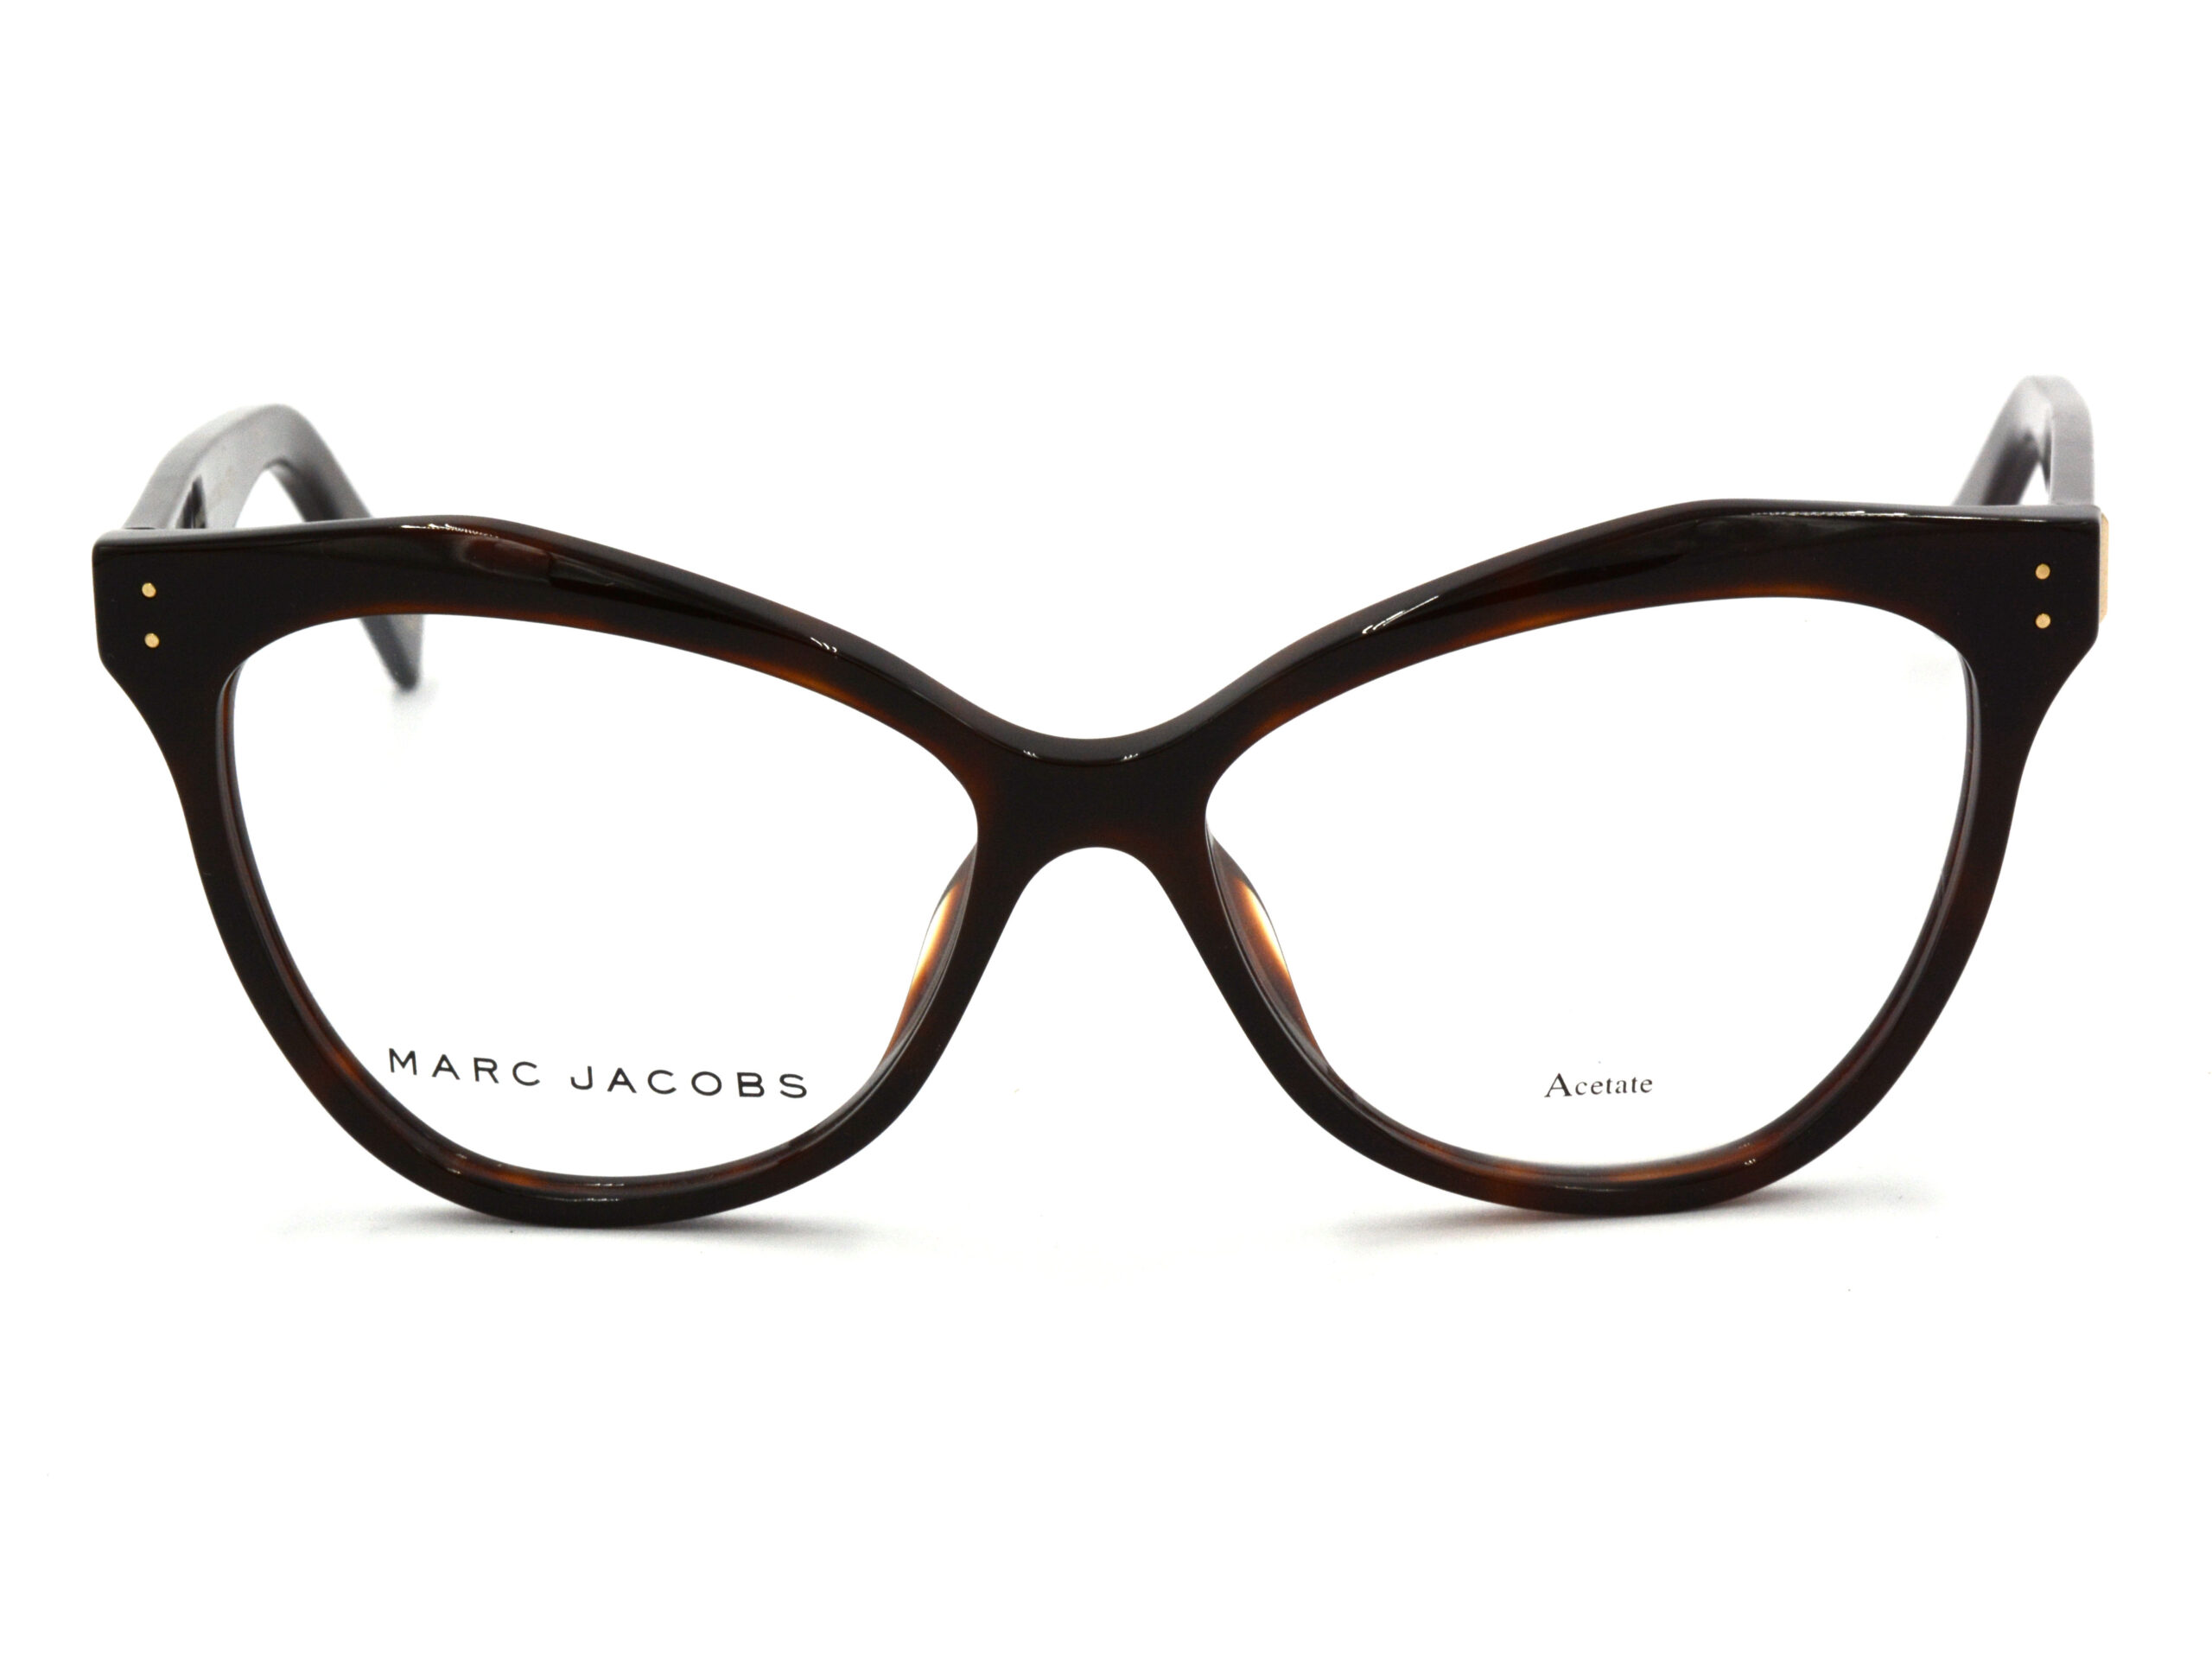 Γυαλιά οράσεως MARC JACOBS MARC 125 ZY1 Πειραιάς